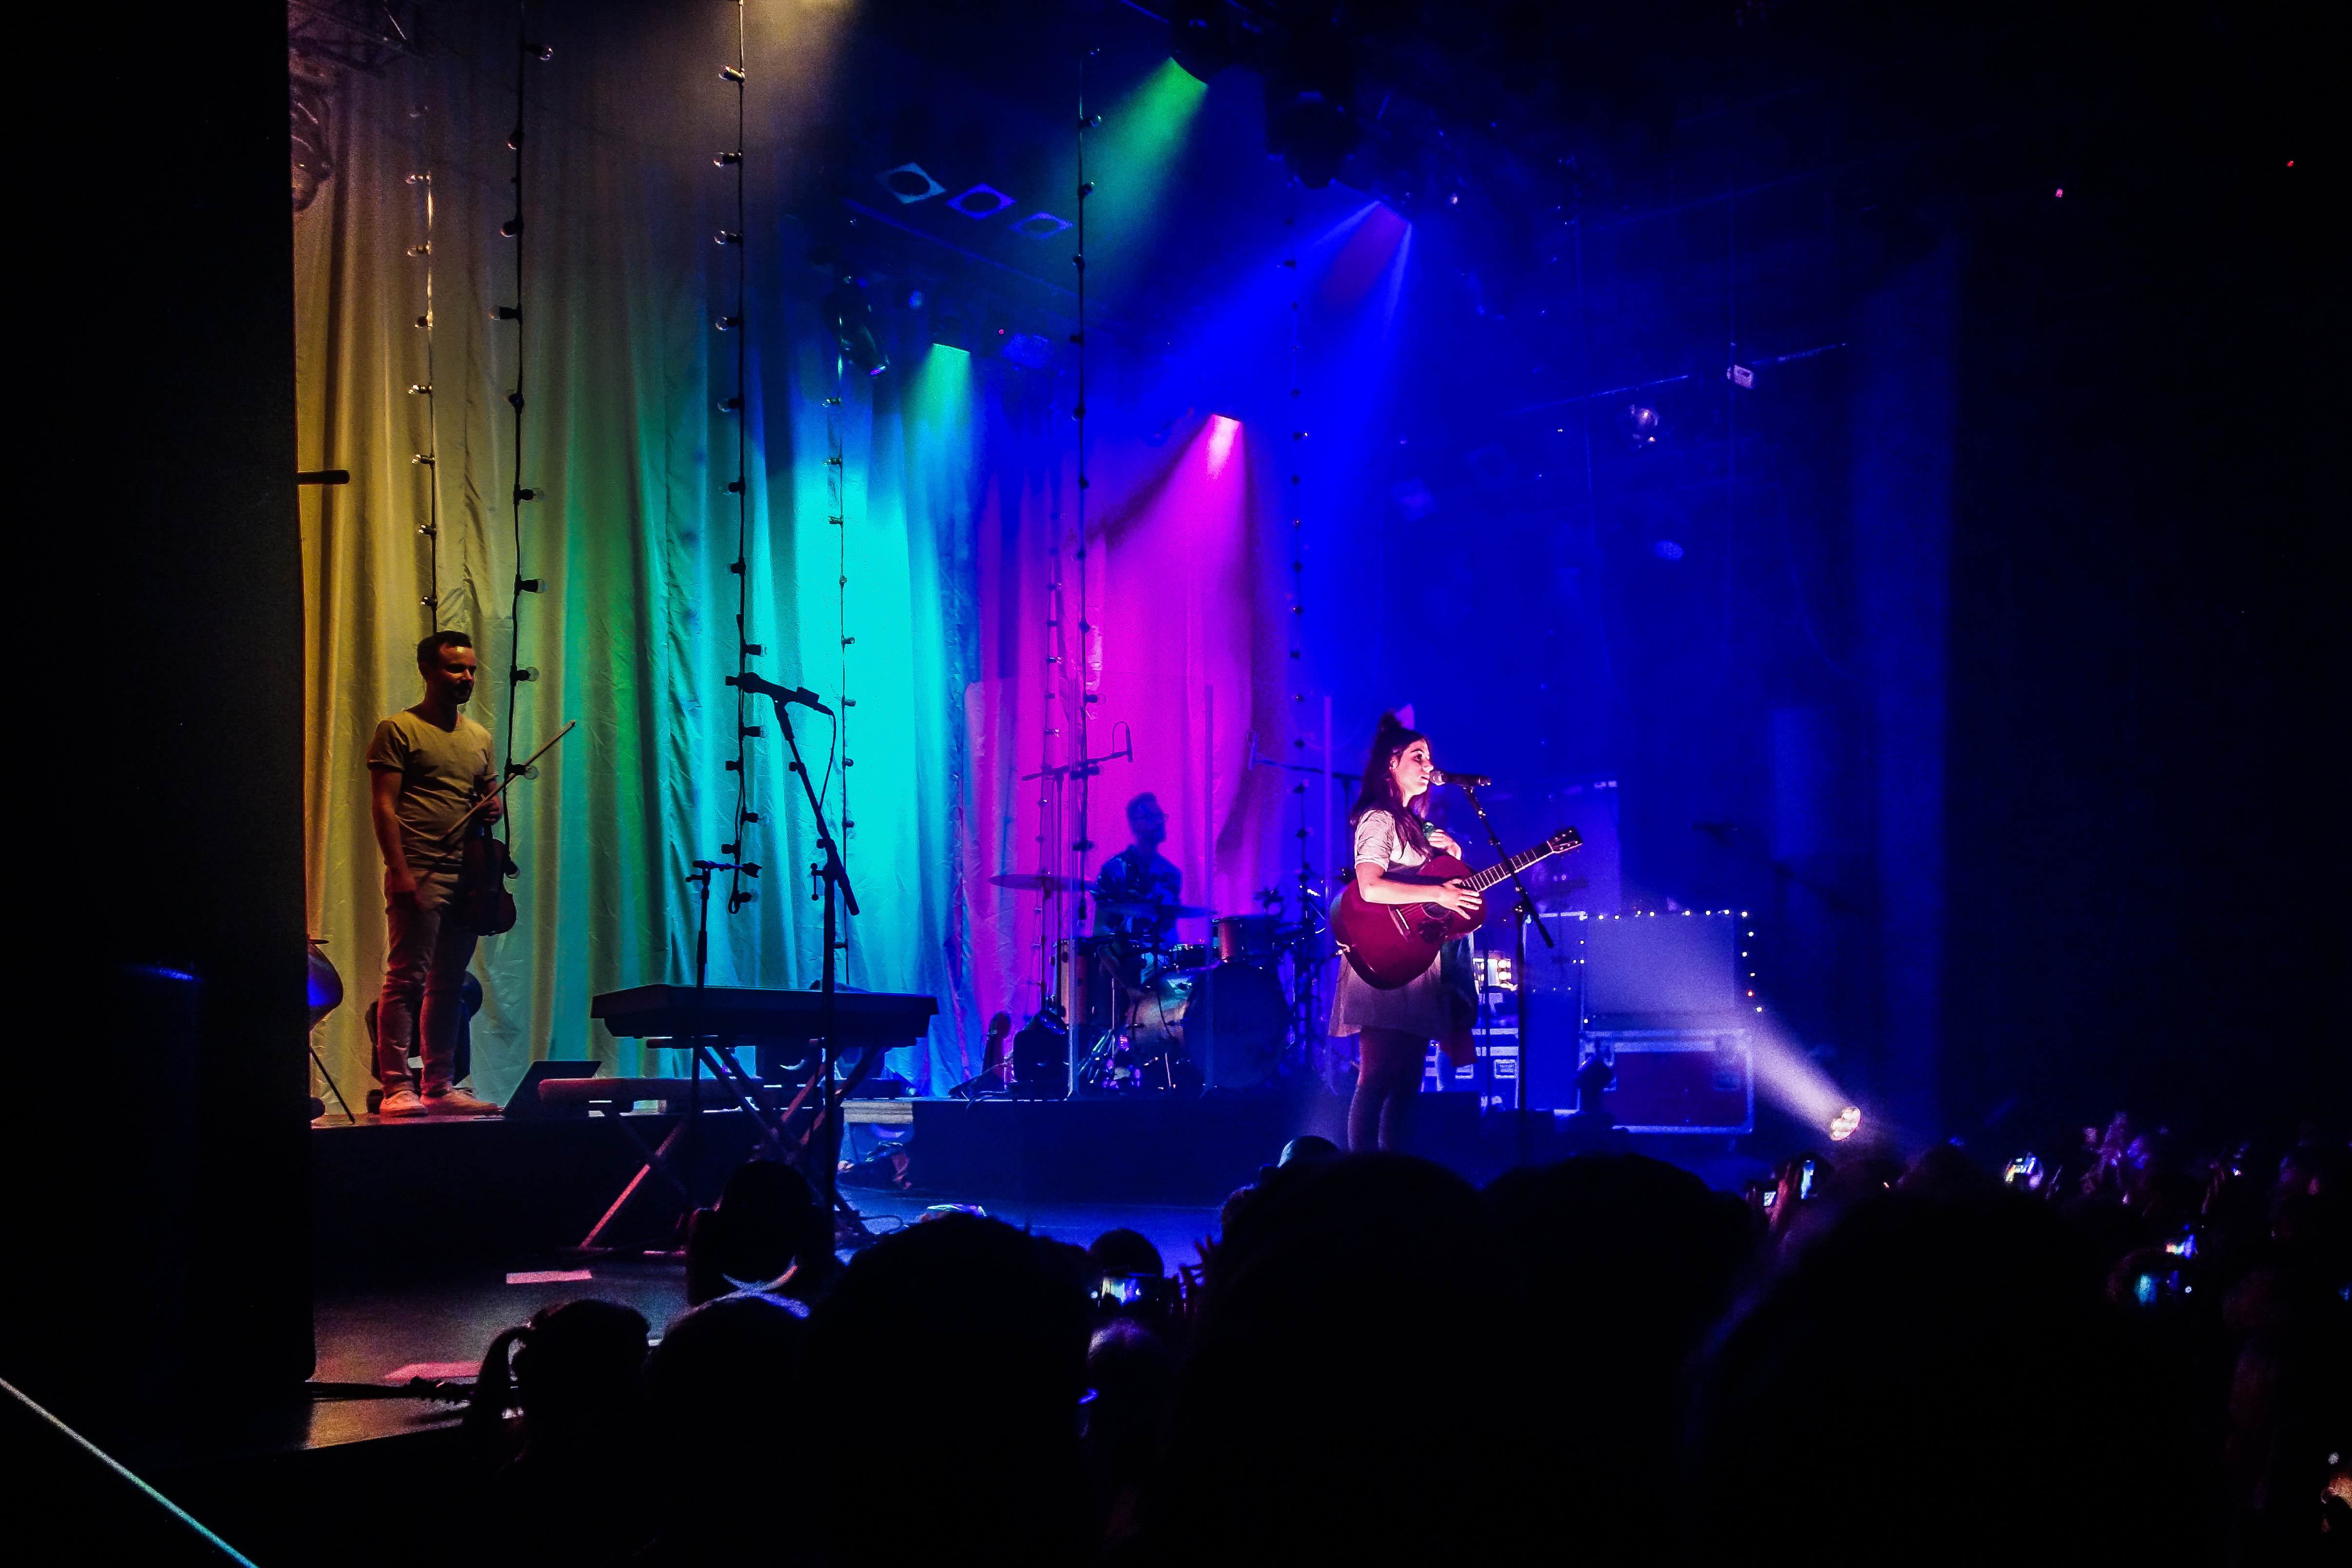 Dodie Clark optreden in Melkweg Amsterdam